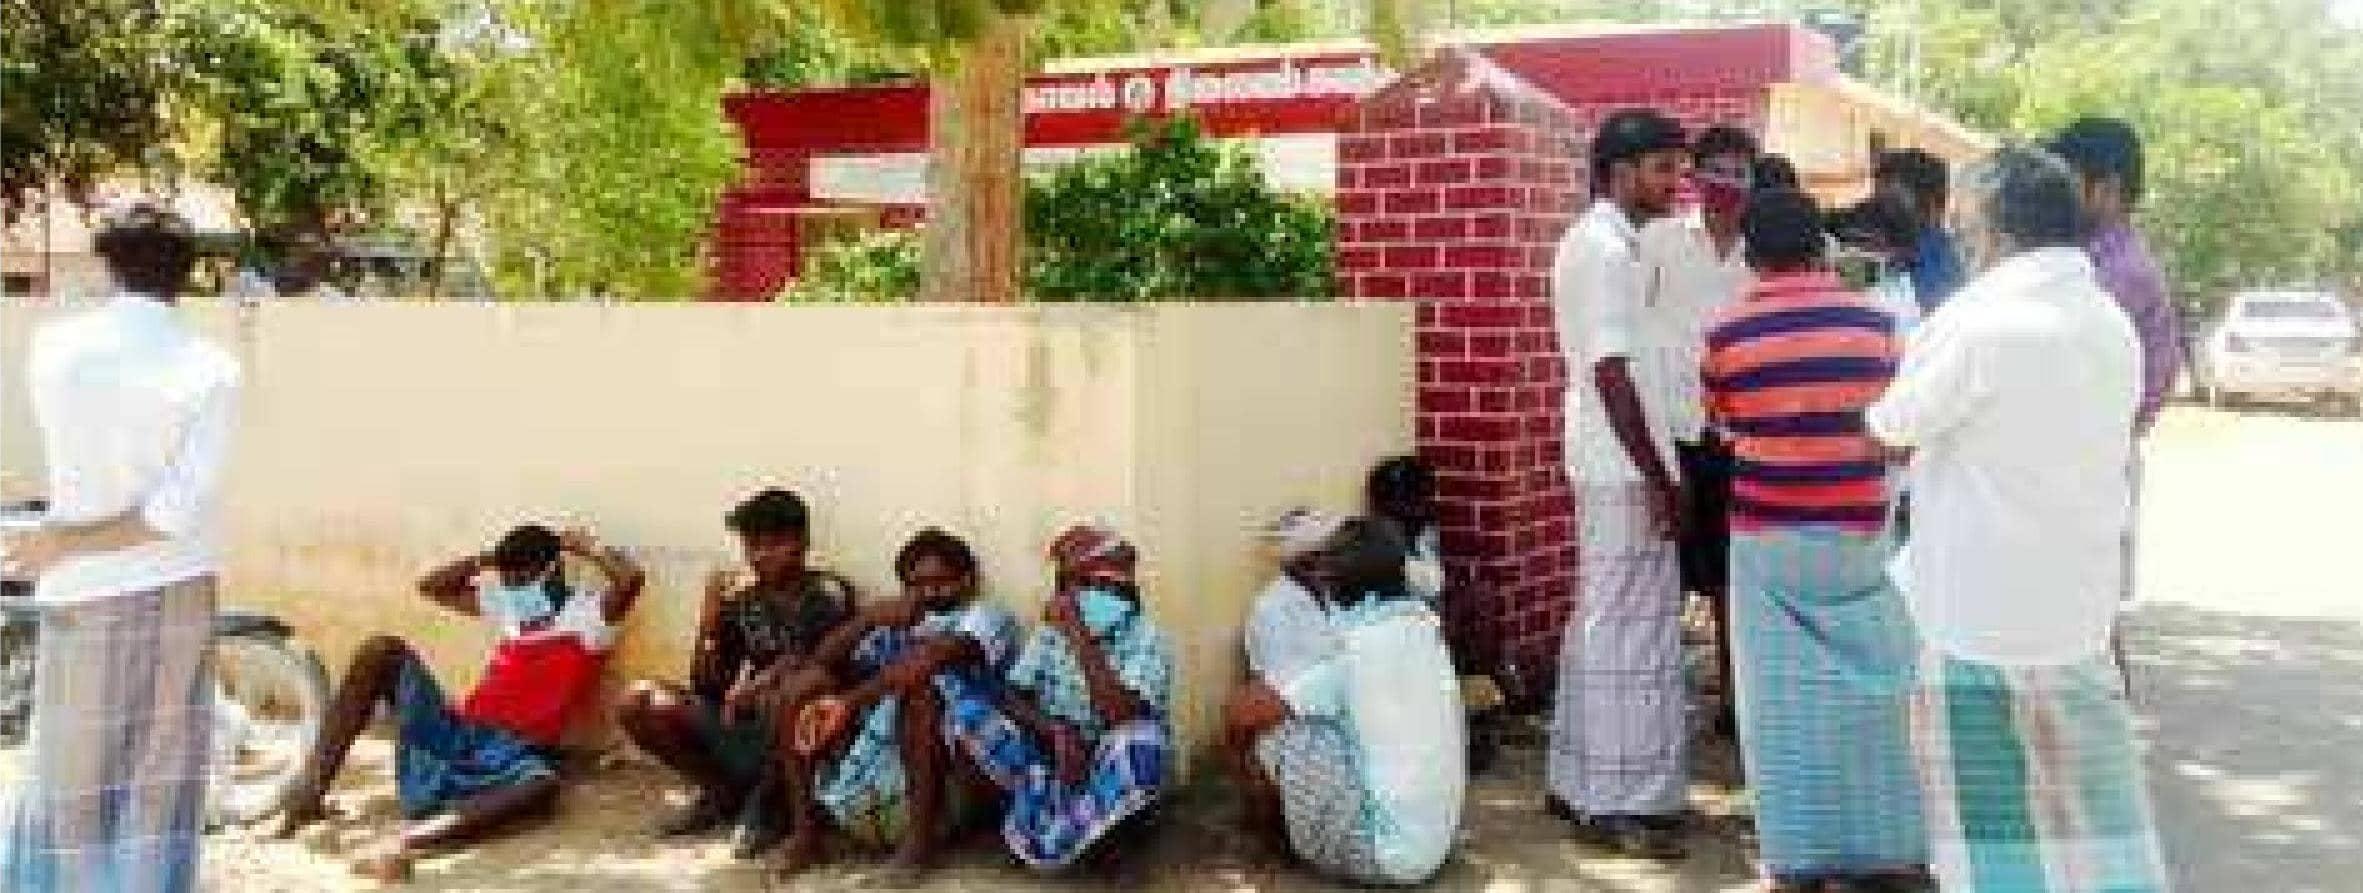 கொய்யாப்பழம் வியாபாரி கொலை வழக்கில் 3 பேர் கைது